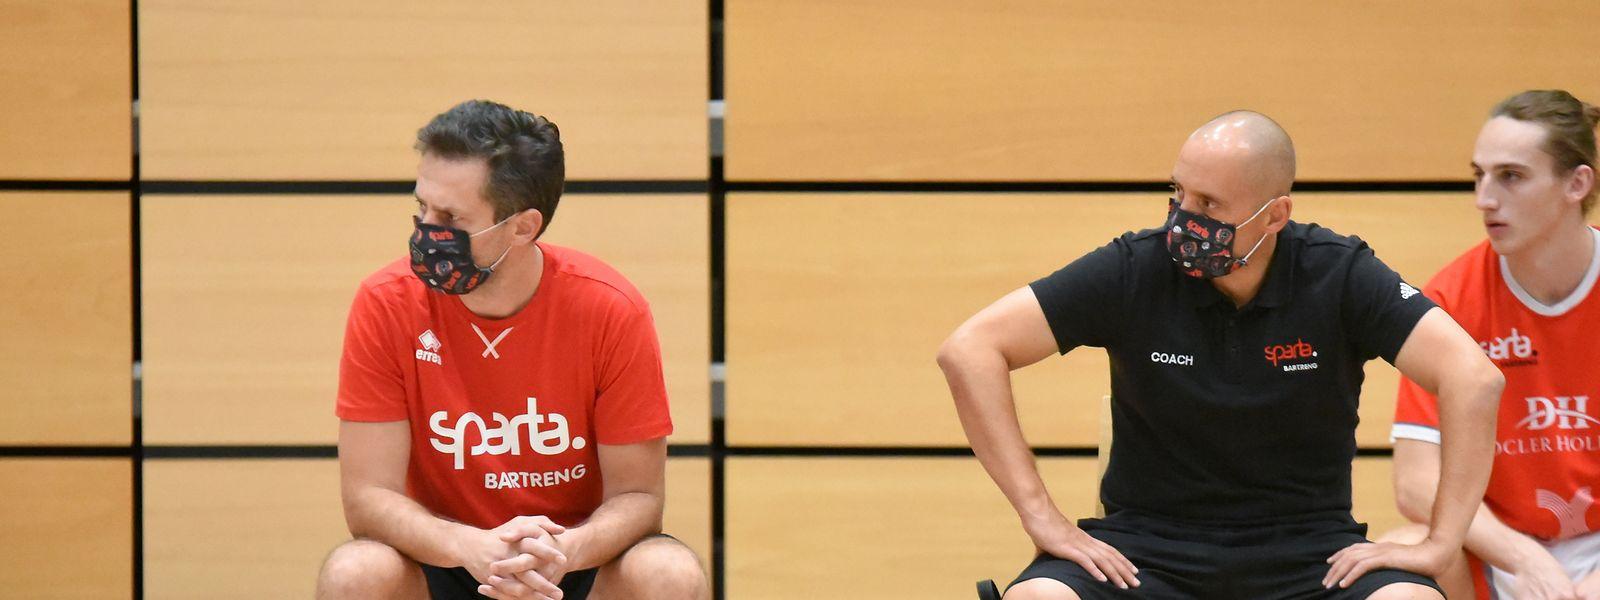 Pascal Meurs (l.) und Chris Wulff arbeiten gerne zusammen.